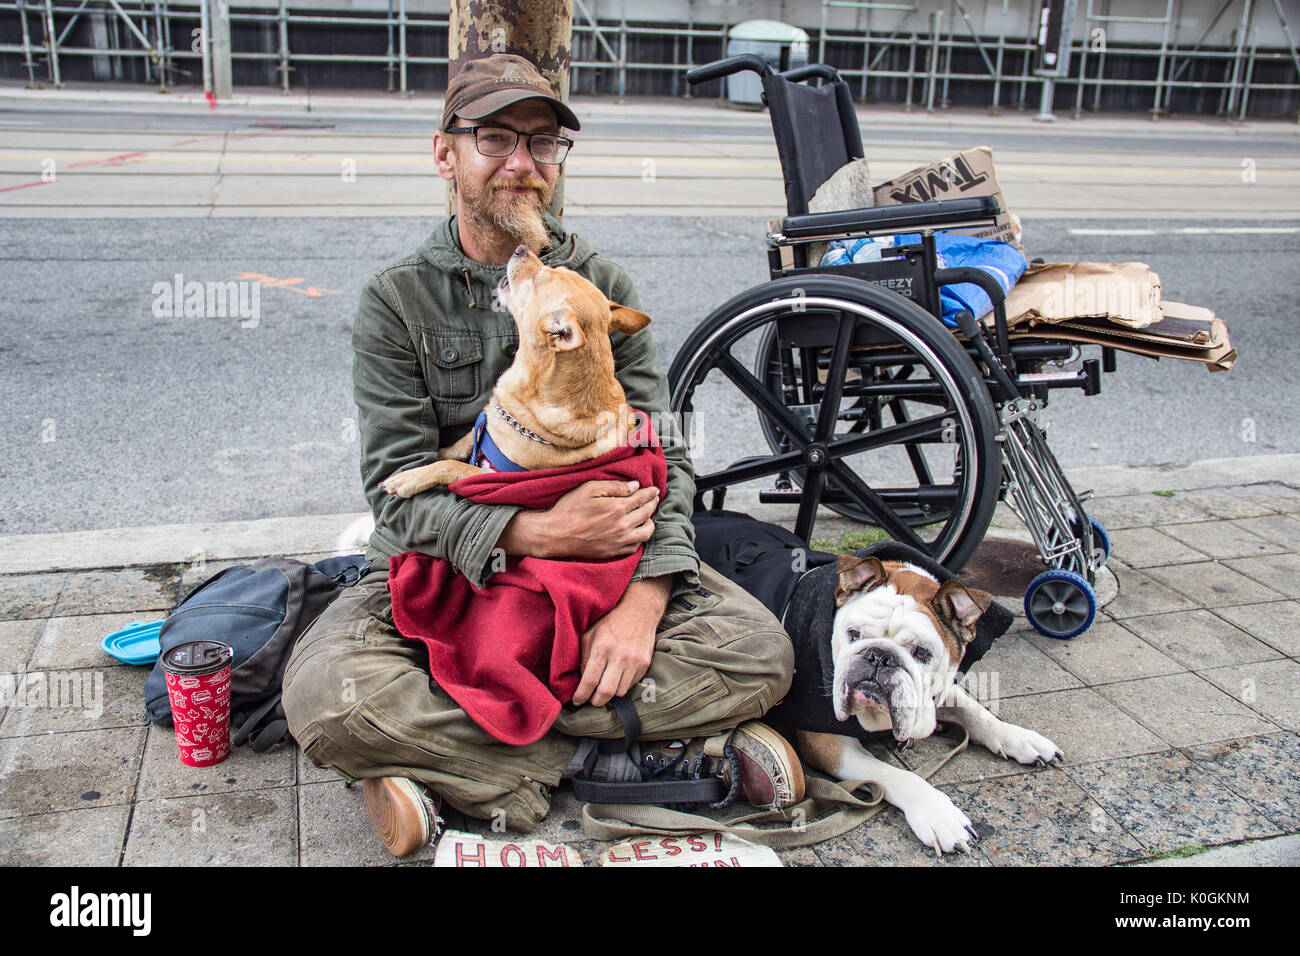 La photographie de rue, un sans-abri avec des chiens, scène urbaine, grande ville Photo Stock